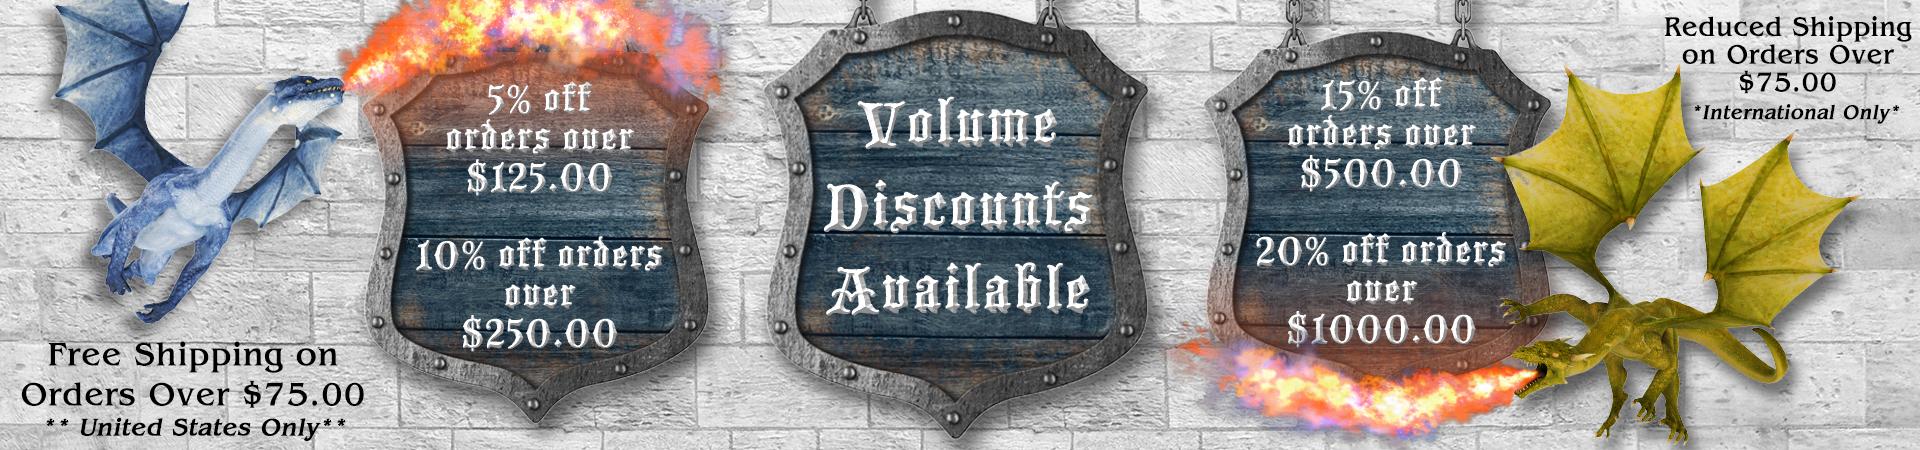 Volume Discounts